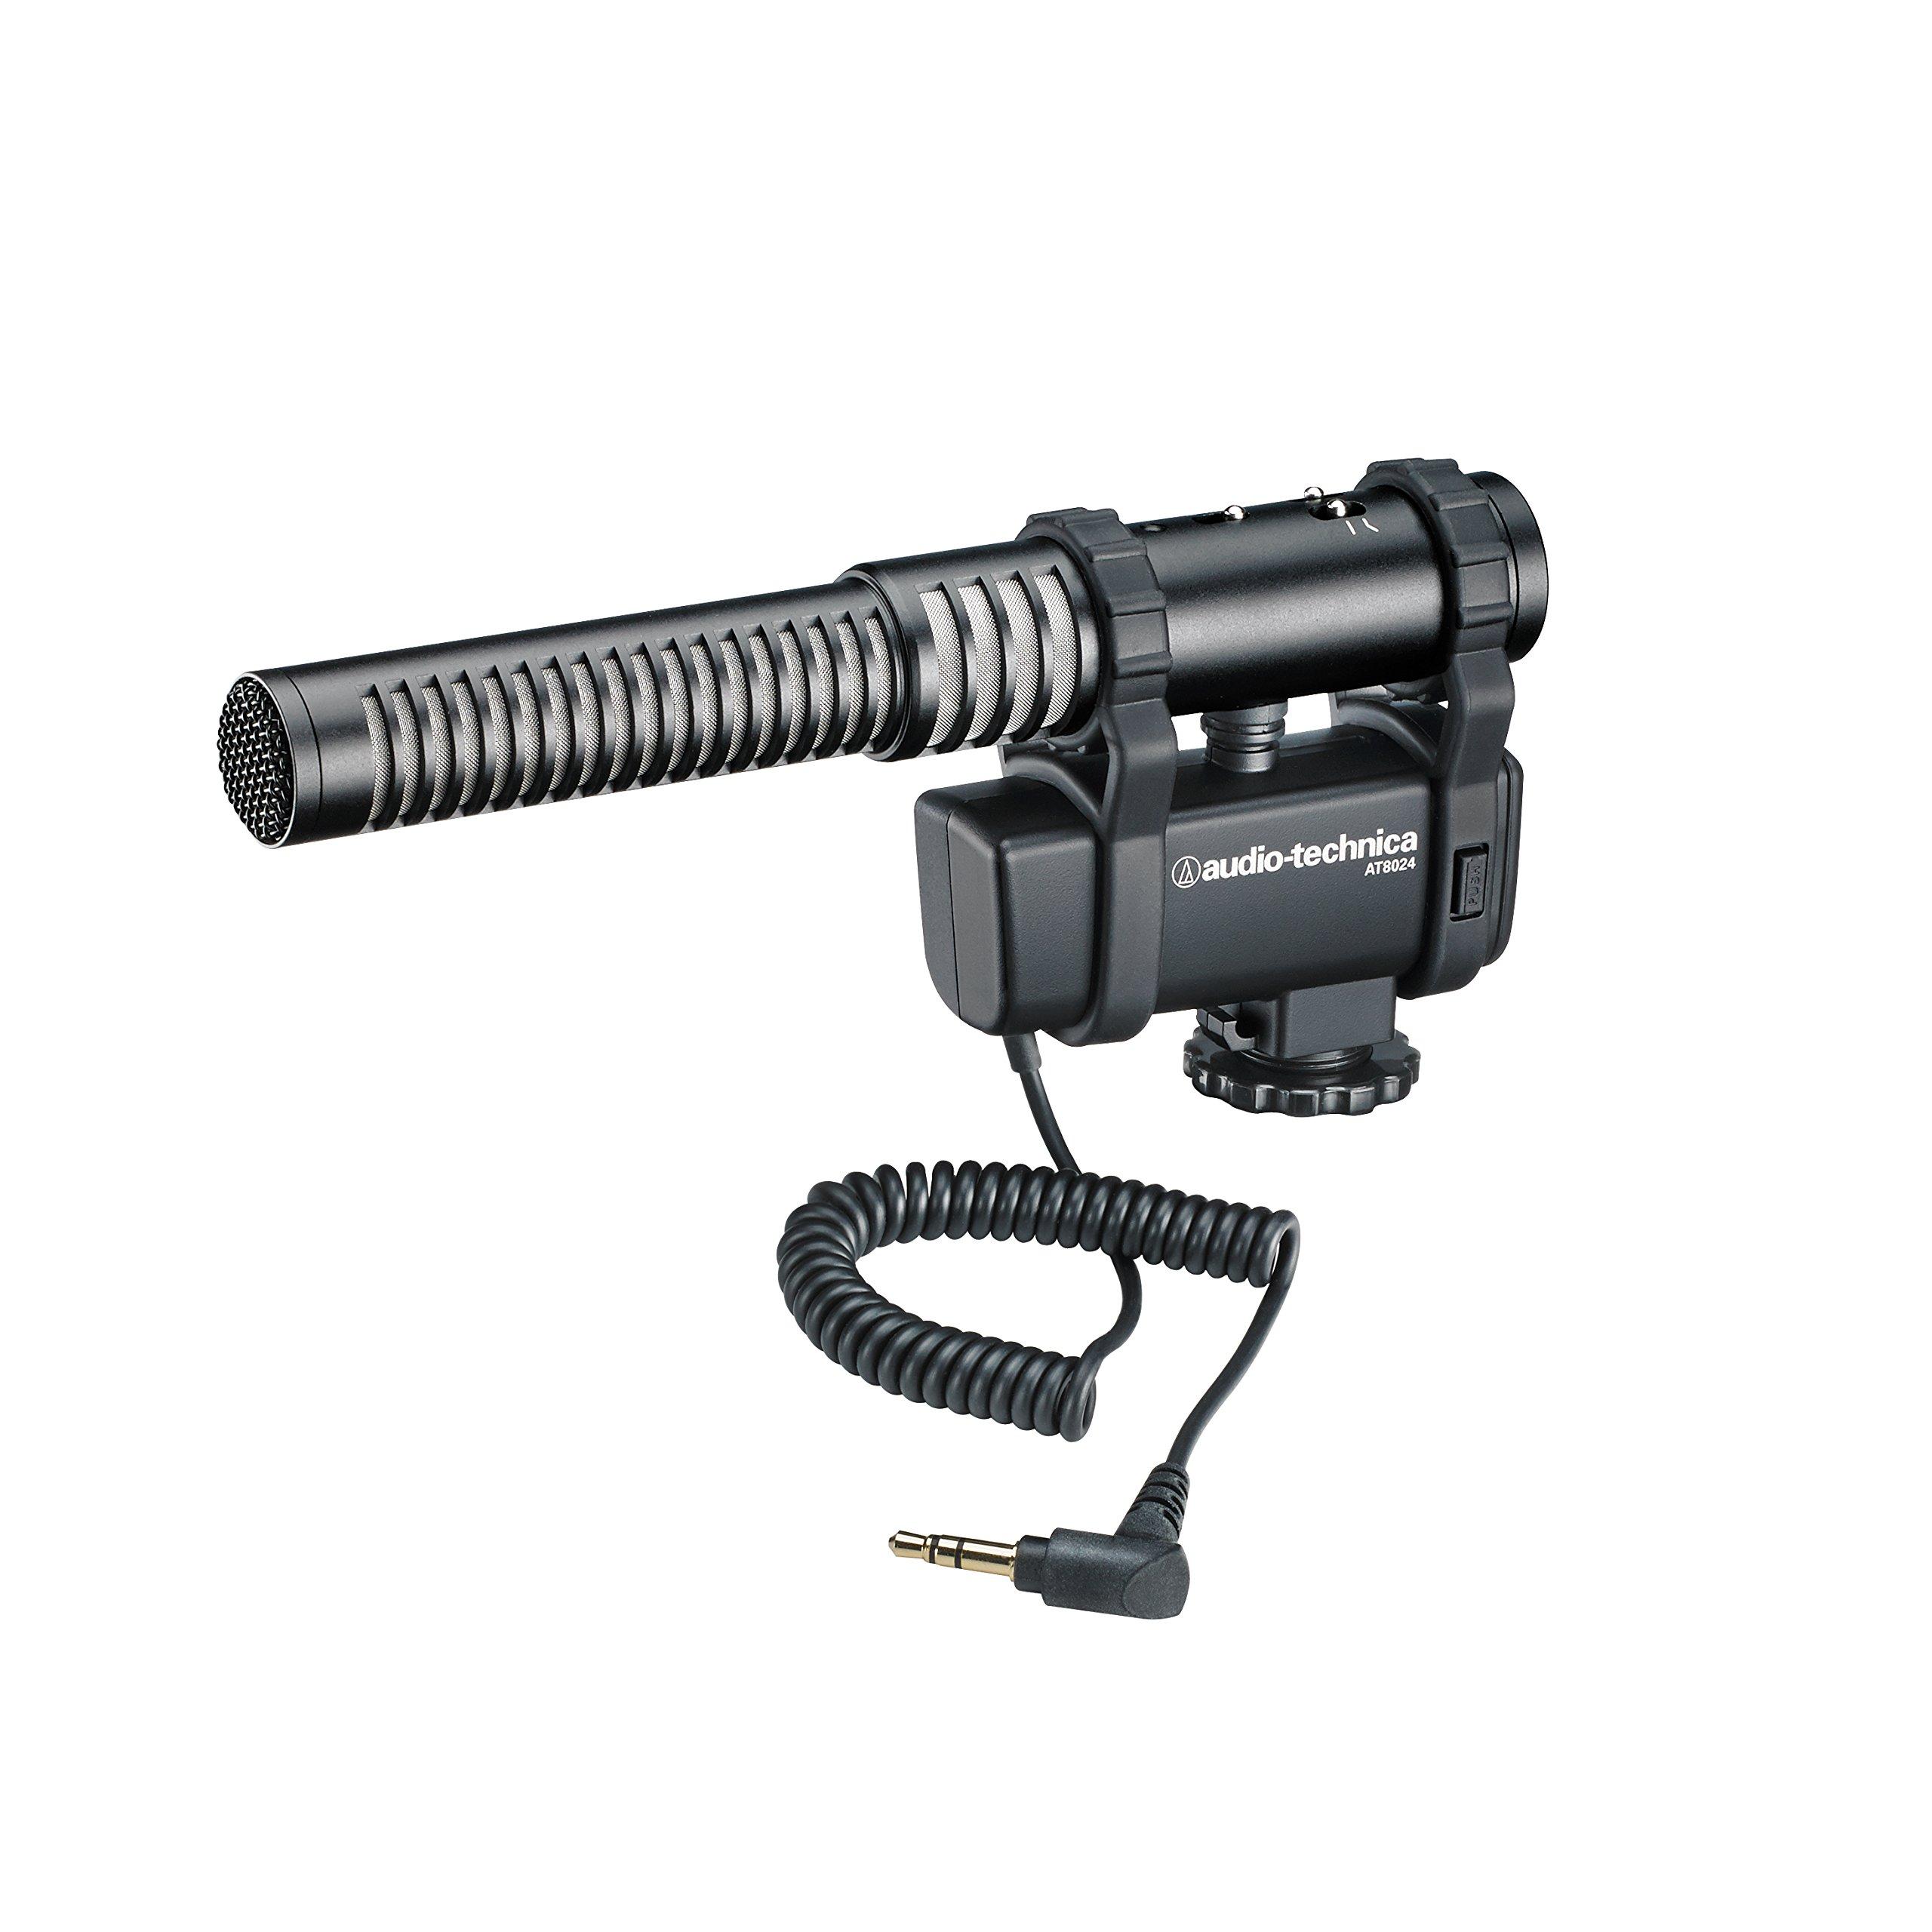 Audio-Technica AT8024 Stereo/Mono Camera-Mount Condenser Microphone by Audio-Technica